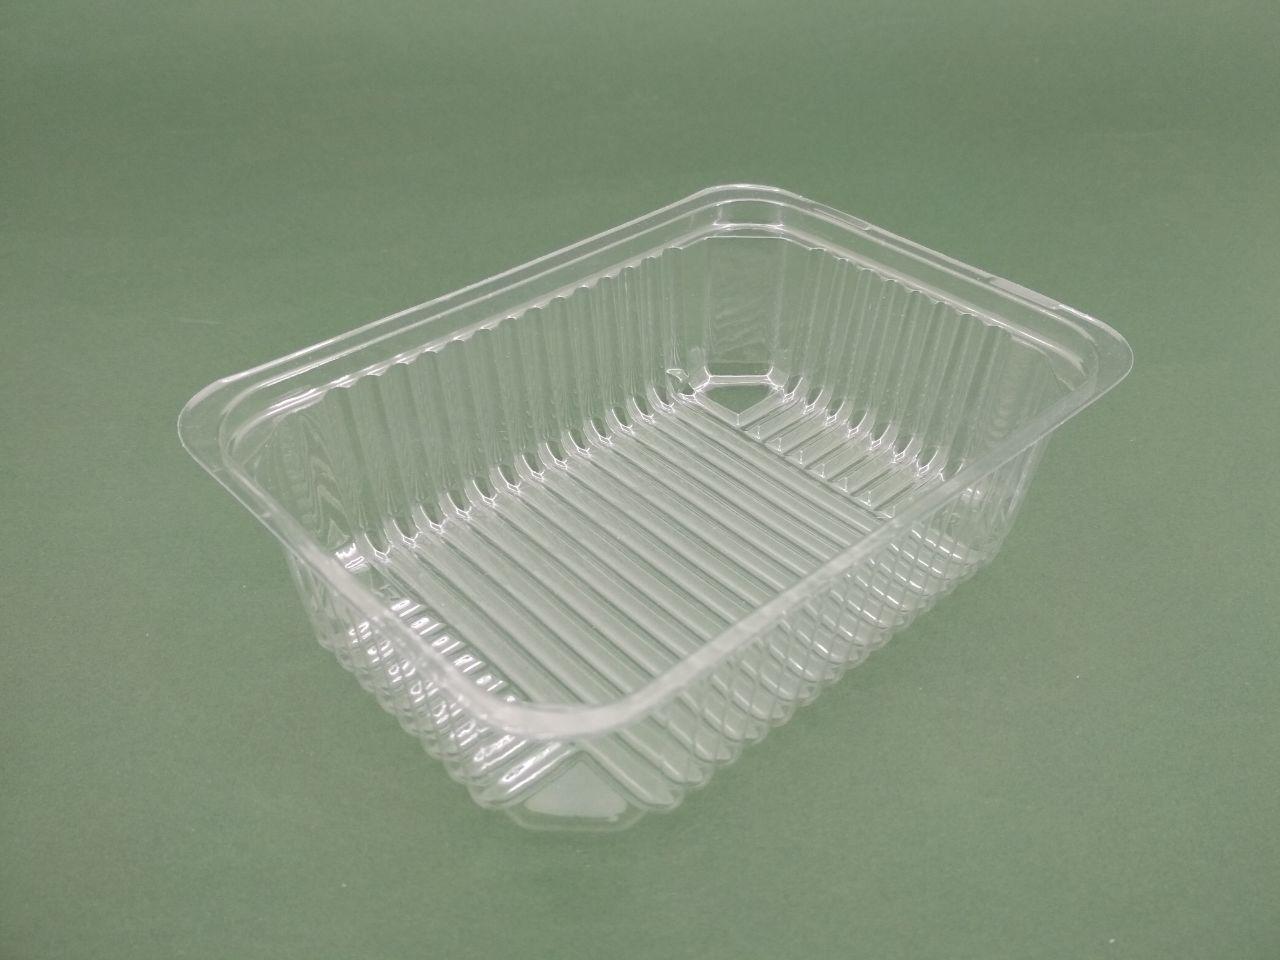 Одноразовый контейнер для пищевых продуктов ПС-161 (350мл) уп/50 штук